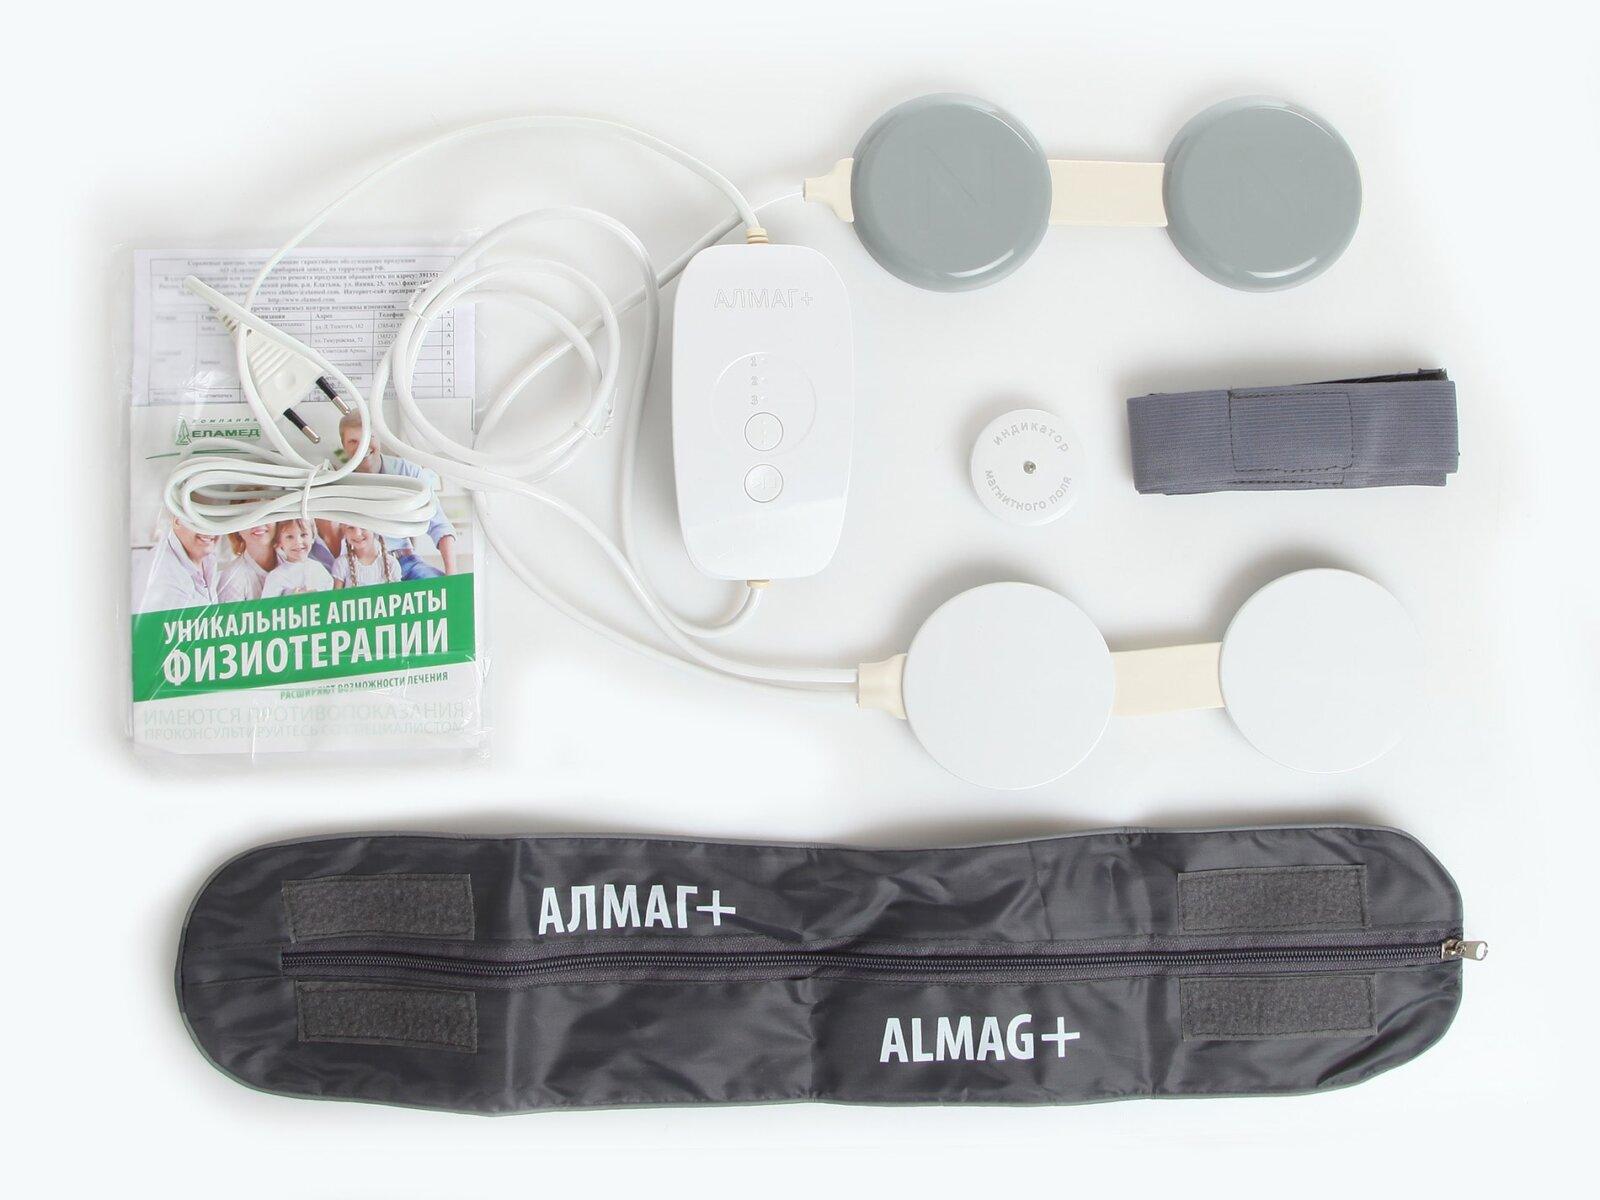 Портативный магнитотерапевтический аппарат «Алмаг+»-2